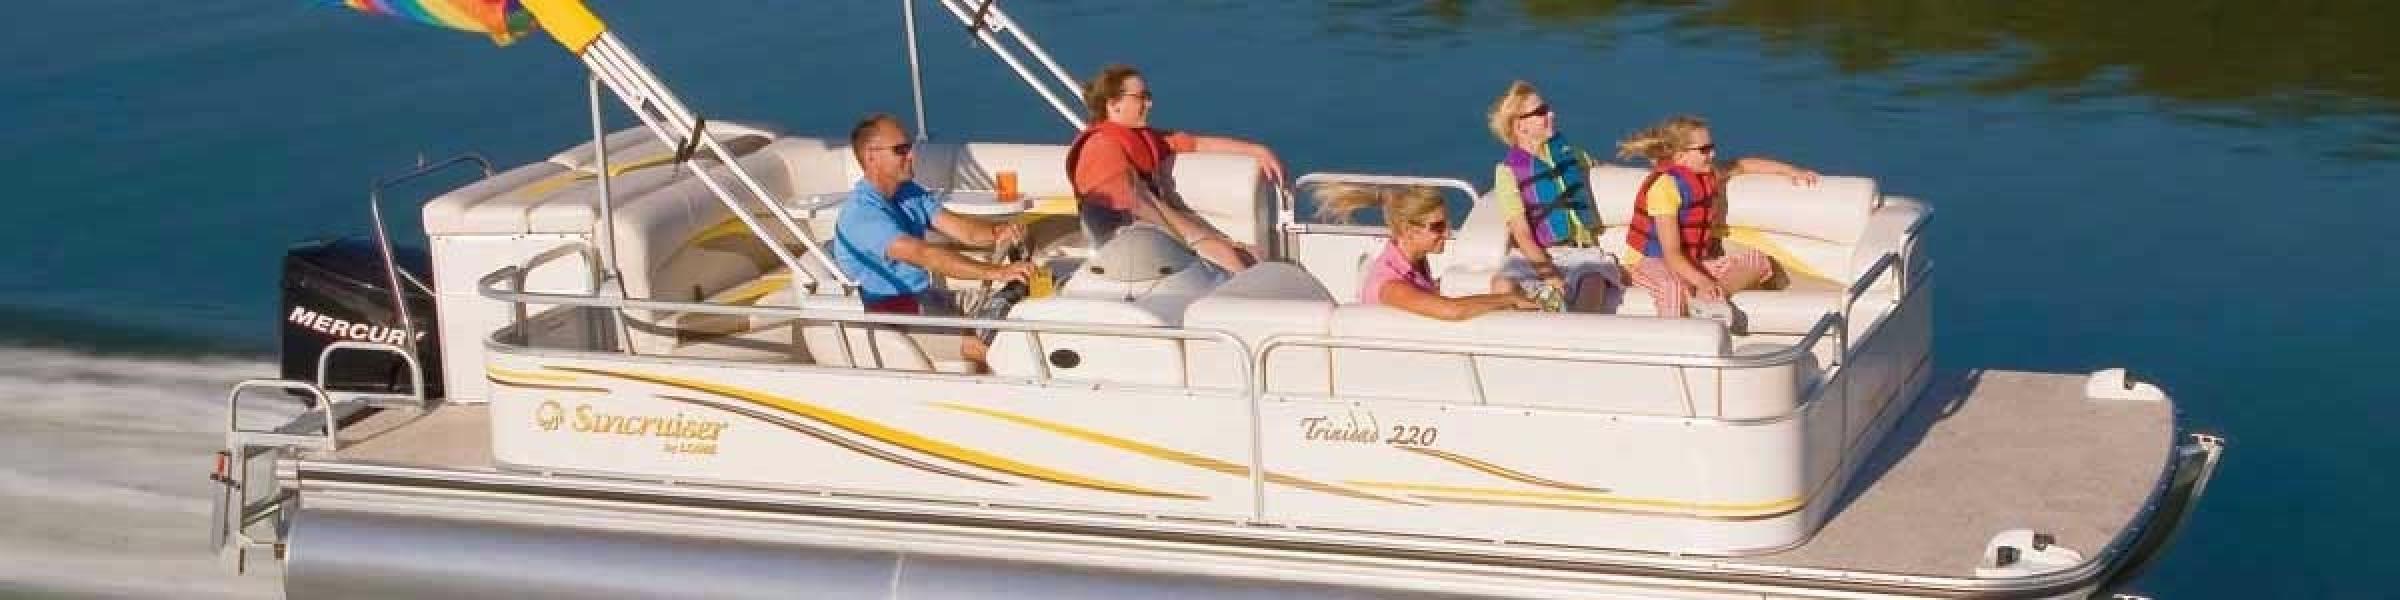 2015-sundowner-patio-boat-speeding-along-slider